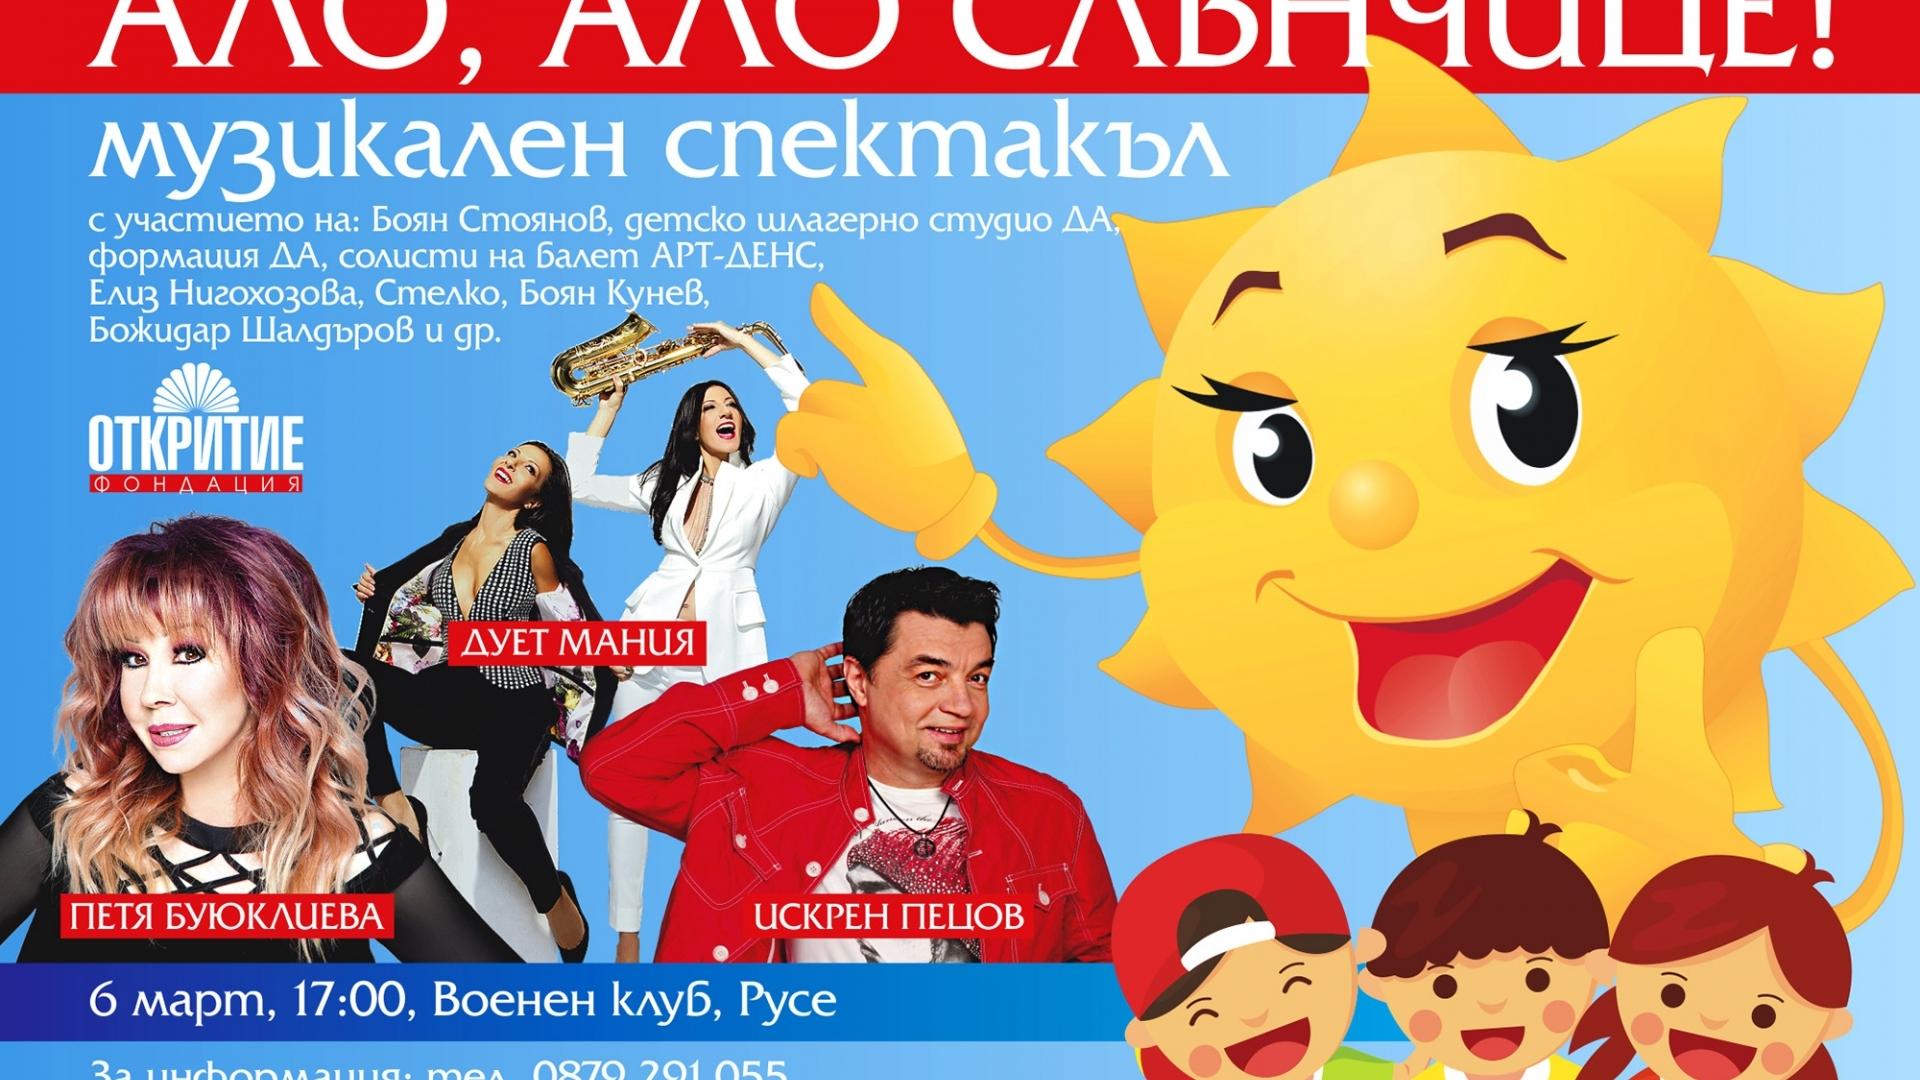 """Музикален спектакъл """"Ало, ало слънчице!"""" ще забавлява русенци тази събота"""